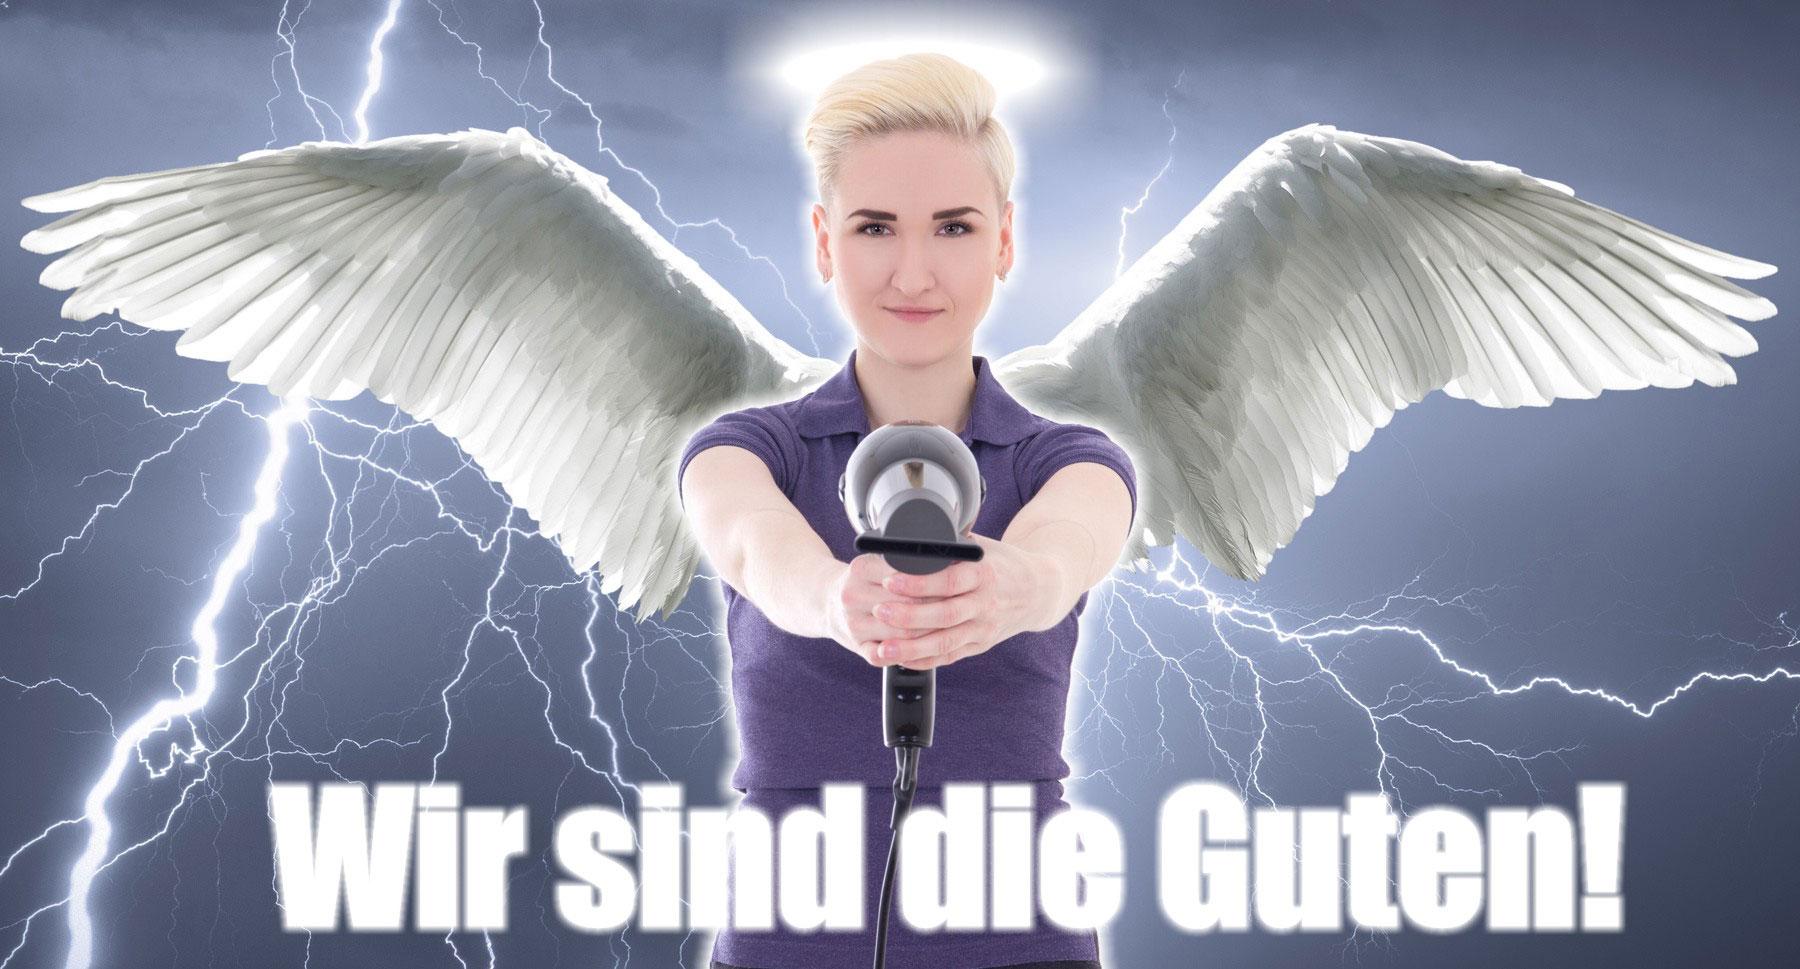 Ich bin Friseur und keine Maschine! - Friseur-Unternehmer.de